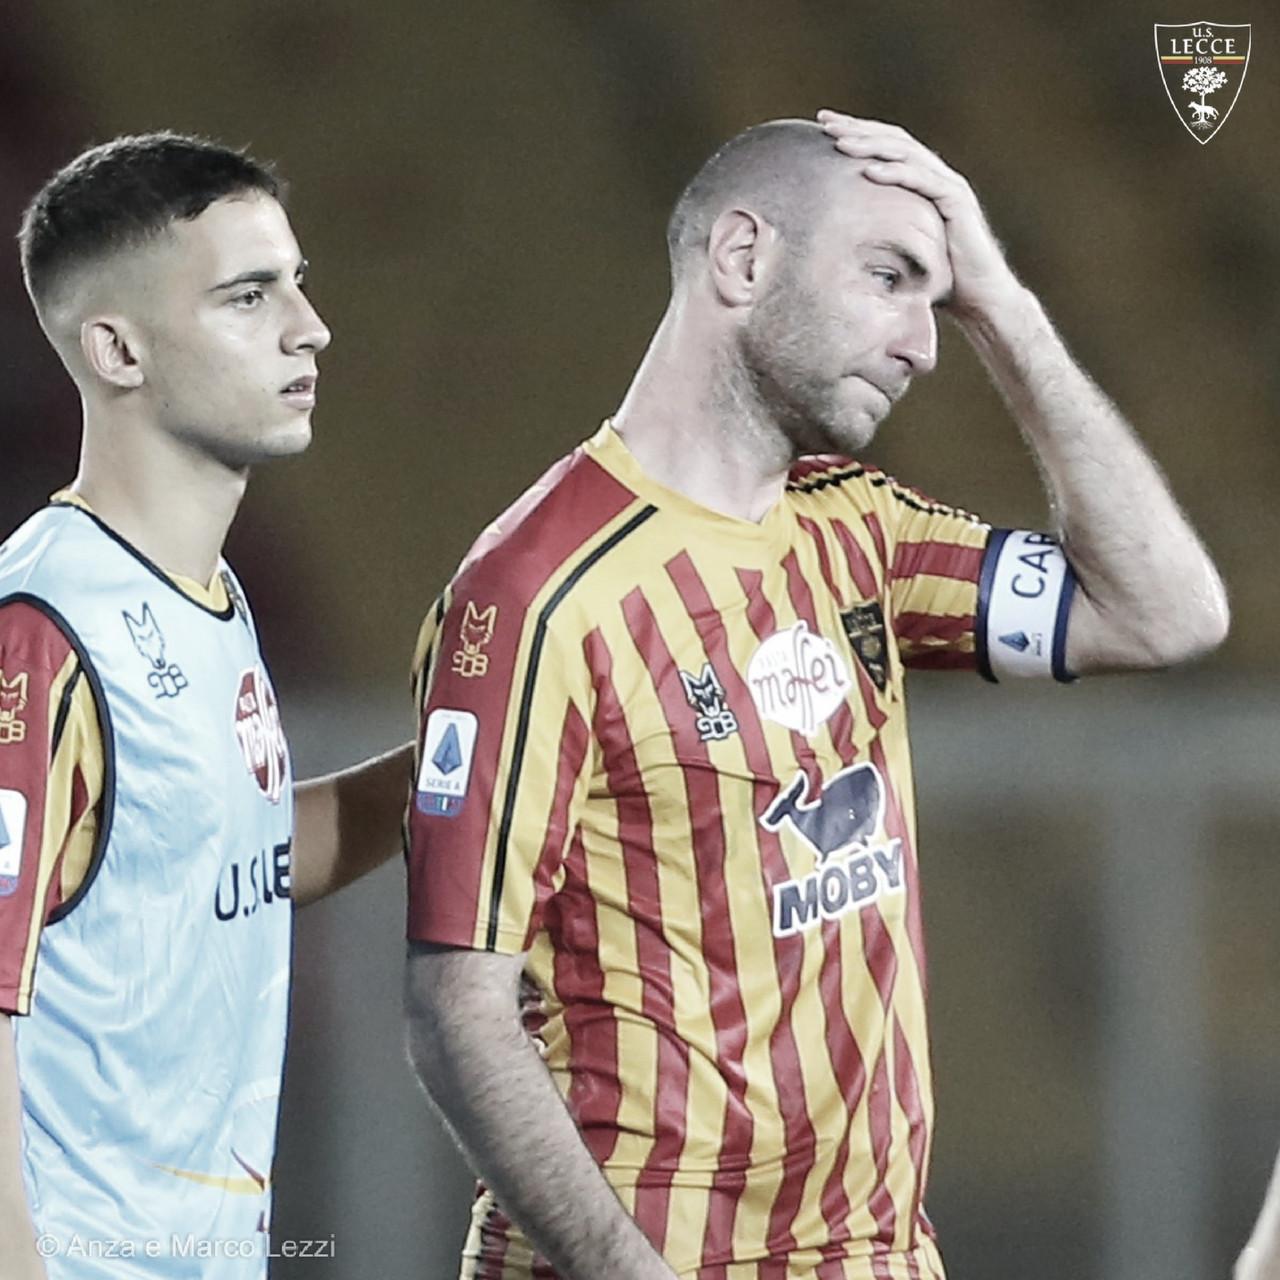 Lecce é rebaixado após derrota em jogo movimentado contra Parma